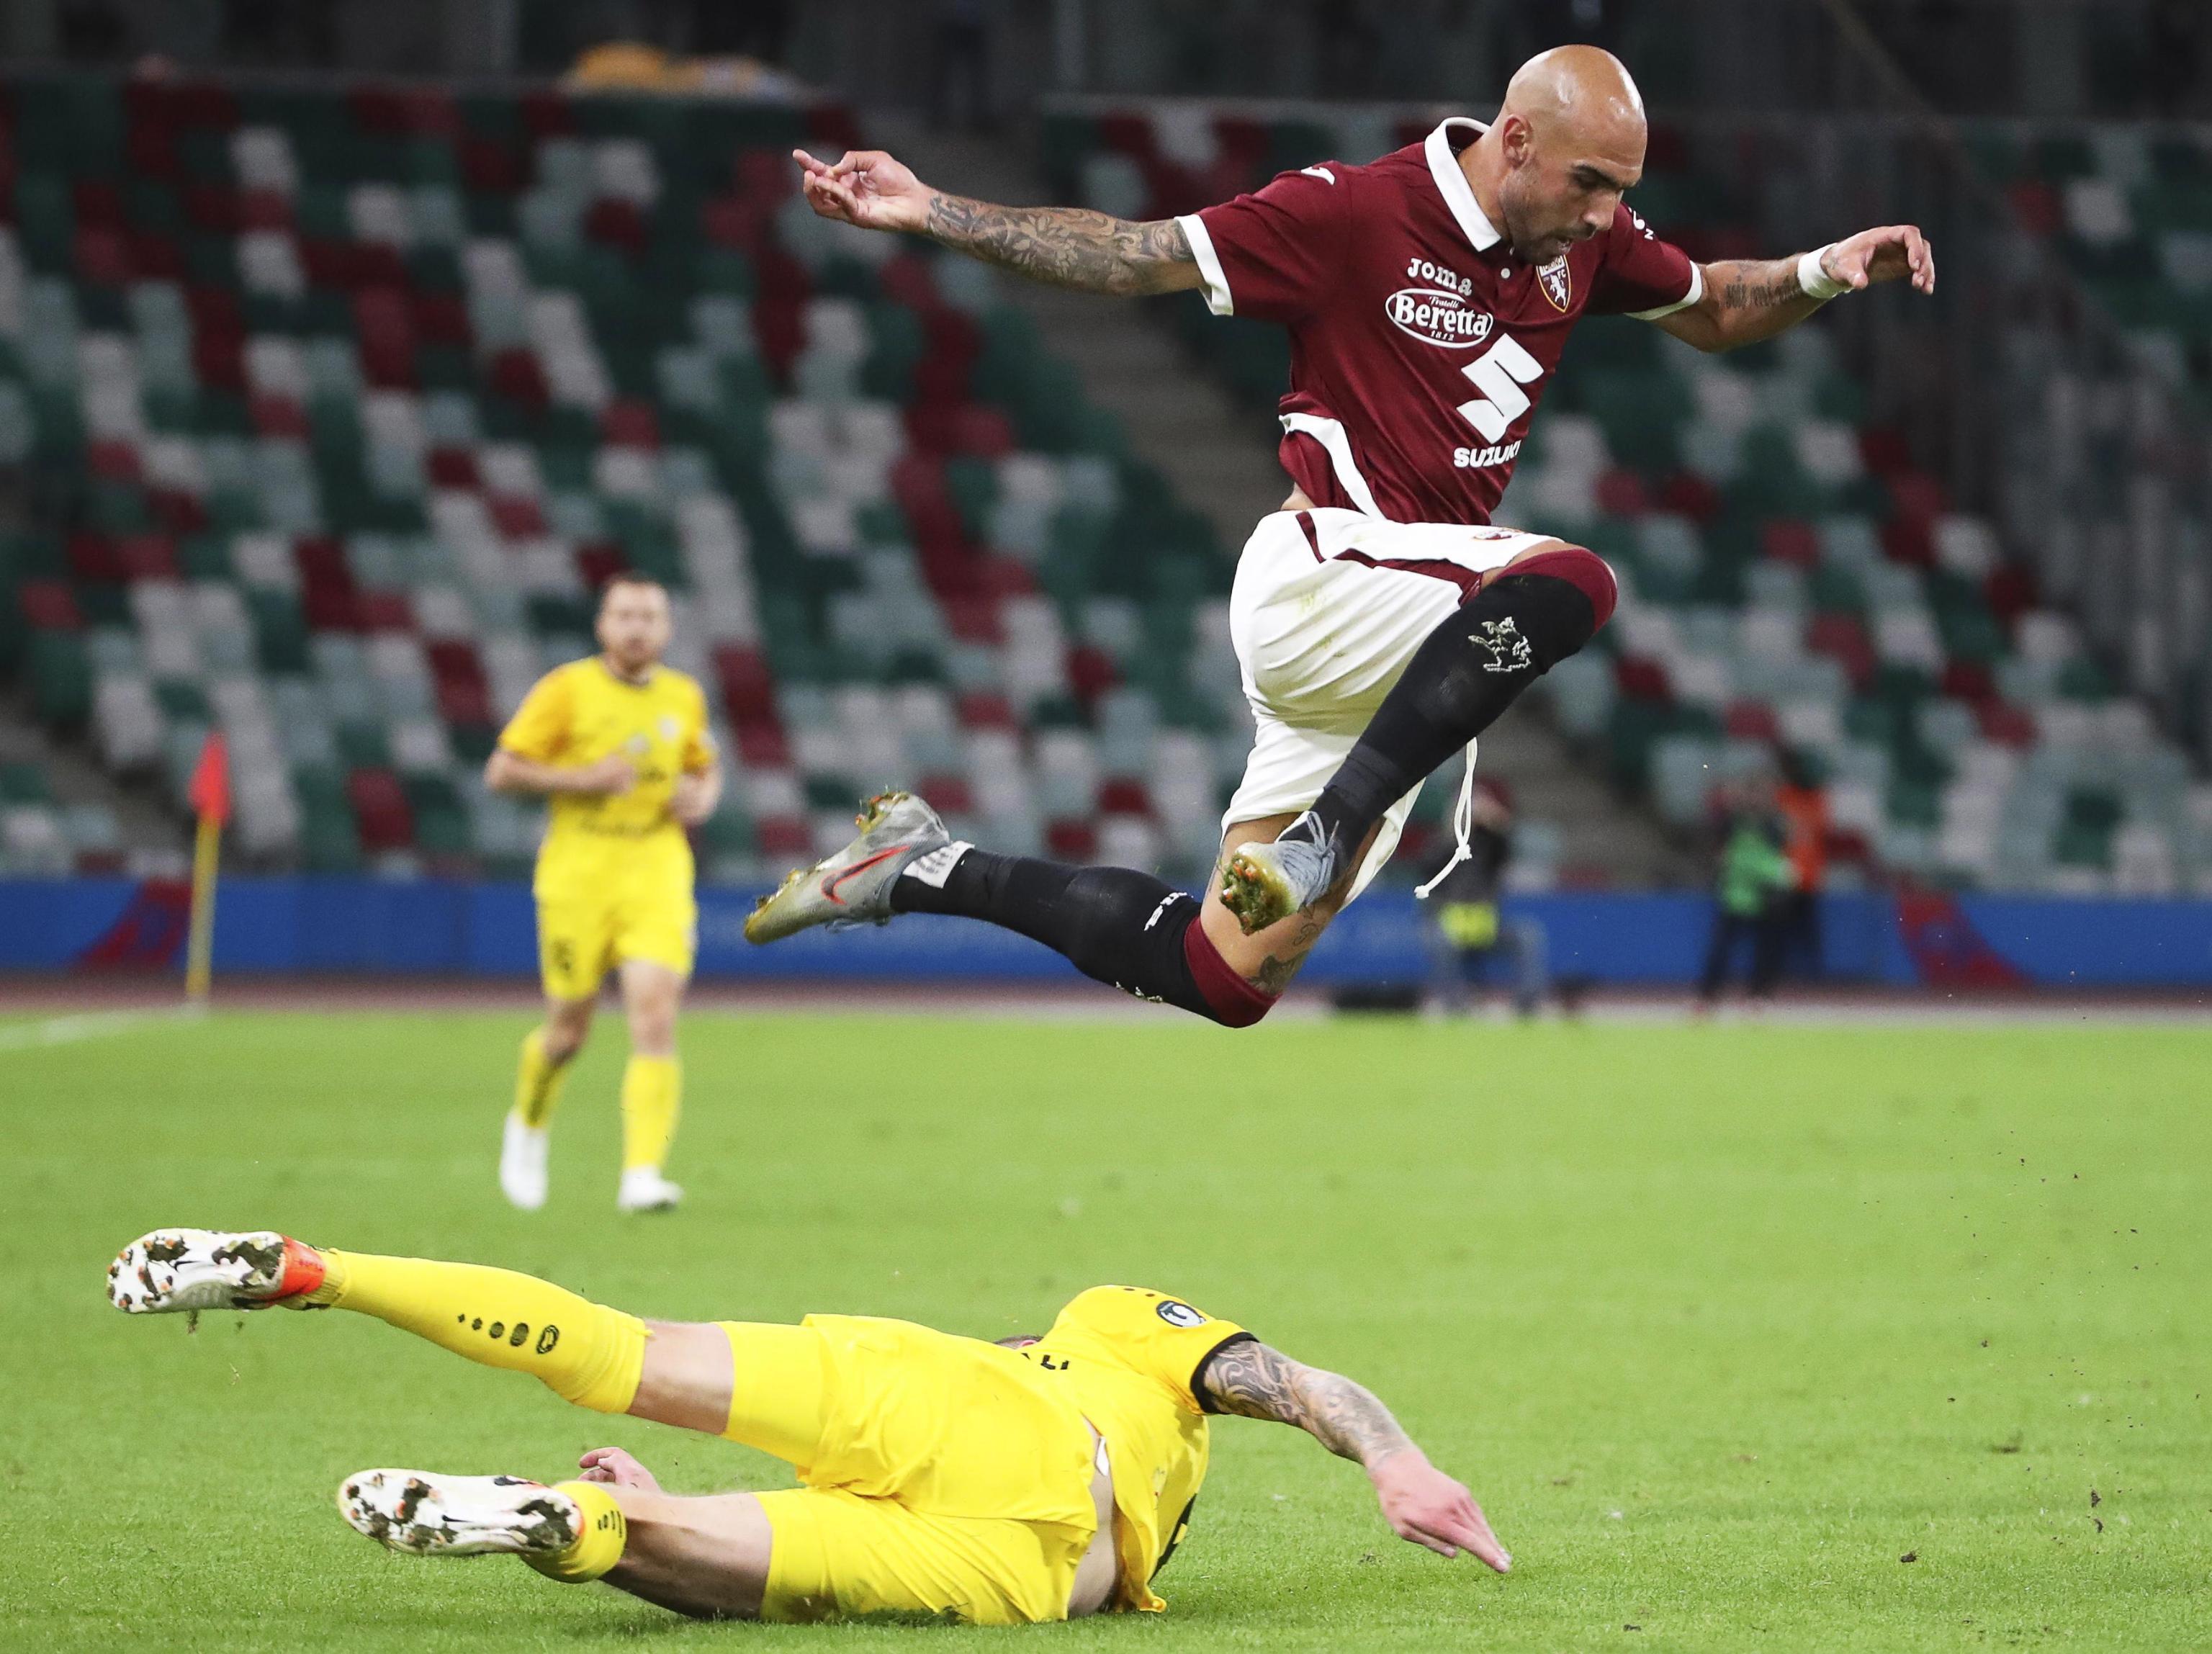 Calcio Torino In Ritiro Per Il Derby Il Patron Cairo Difende Mazzarri Gazzetta Del Sud